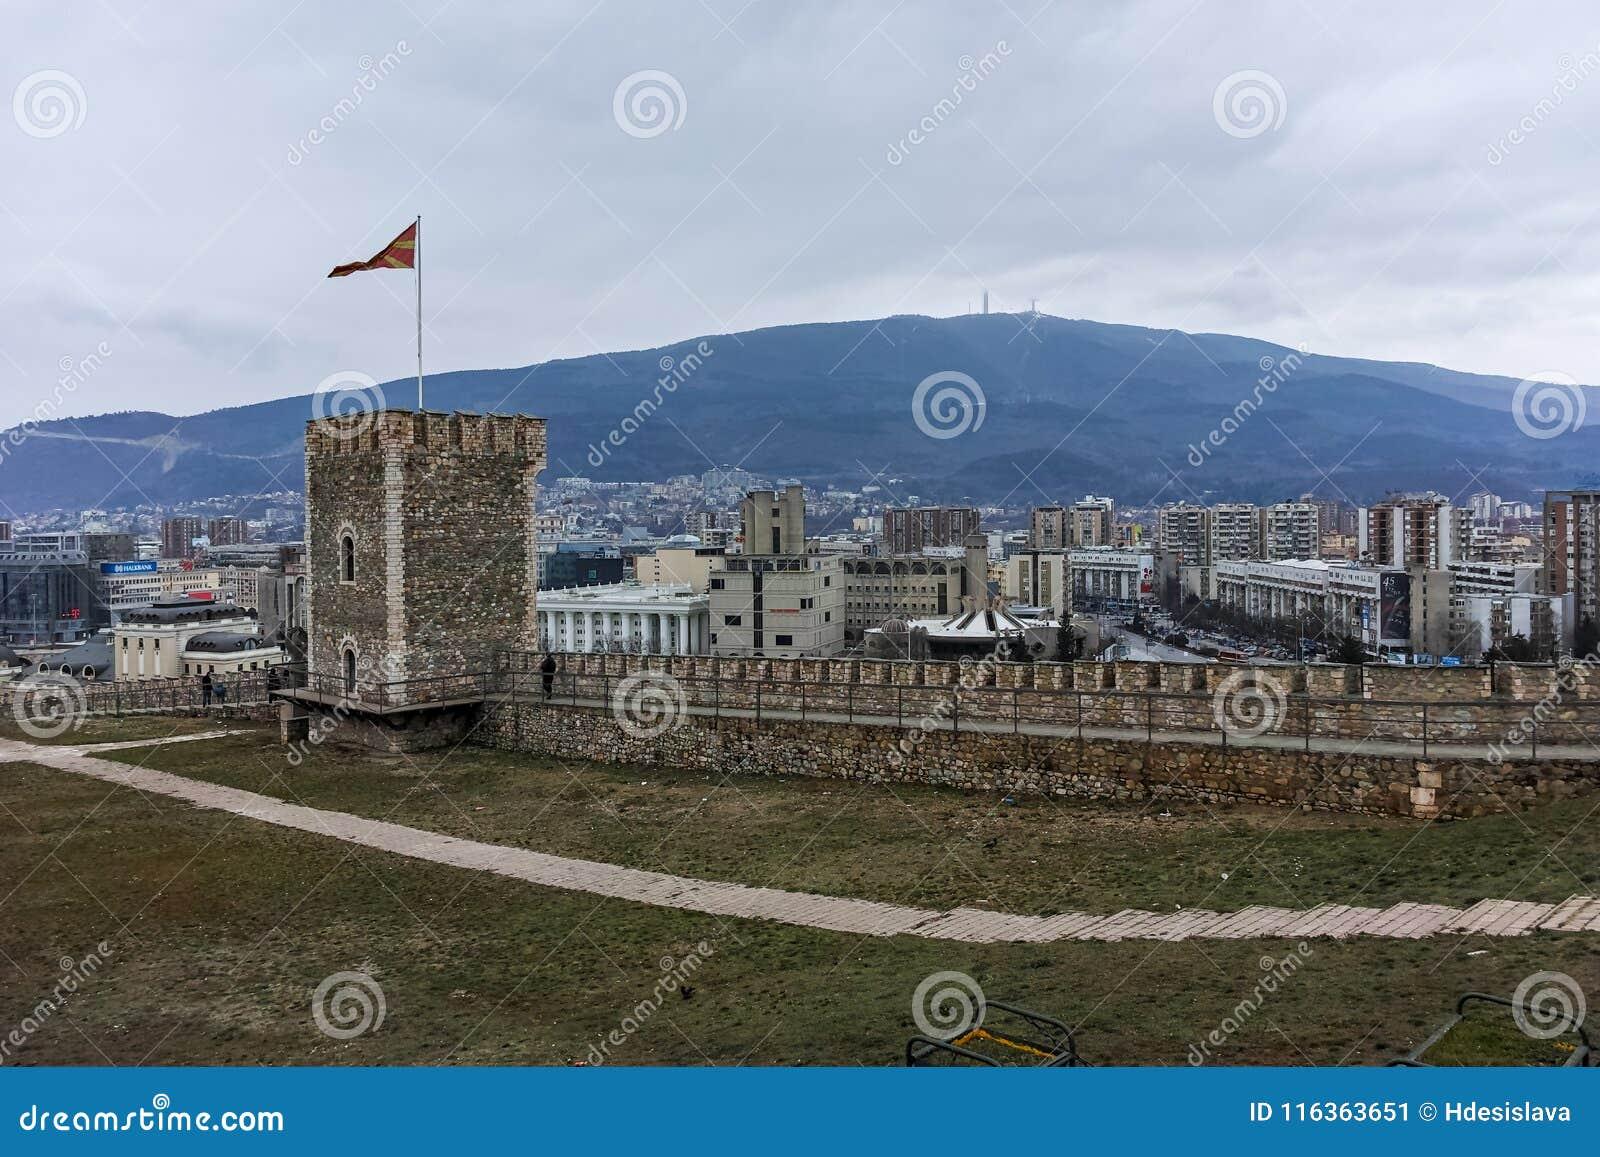 SKOPJE, REPUBBLICA MACEDONE - 24 FEBBRAIO 2018: Fortezza del cavolo della fortezza di Skopje in Città Vecchia